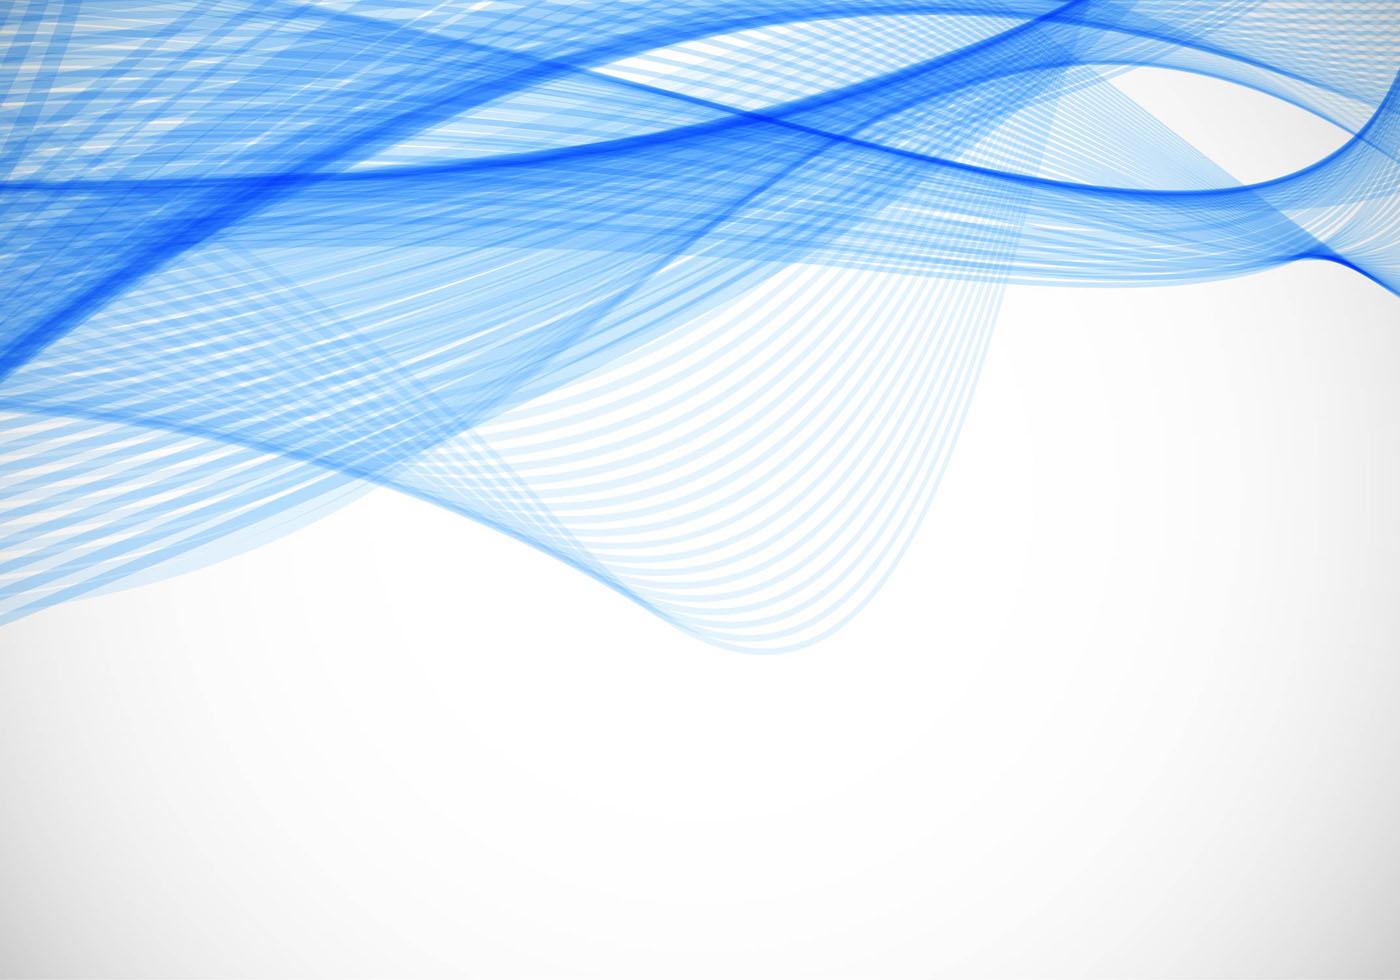 Vector De Fondo Libre Ondulado Azul